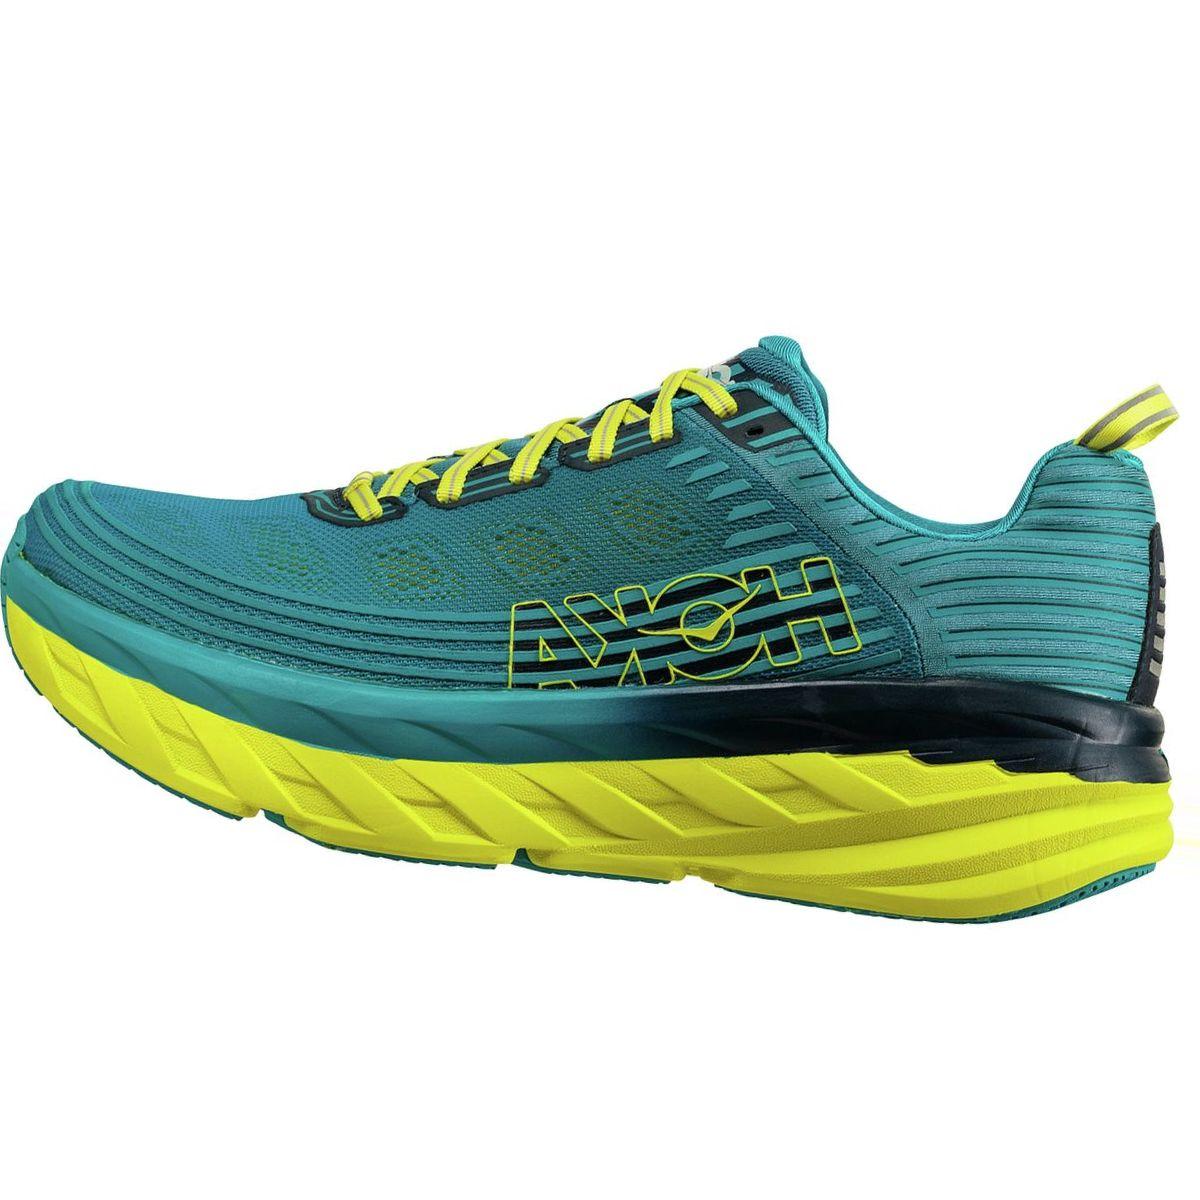 HOKA ONE ONE Bondi 6 Running Shoe - Men's